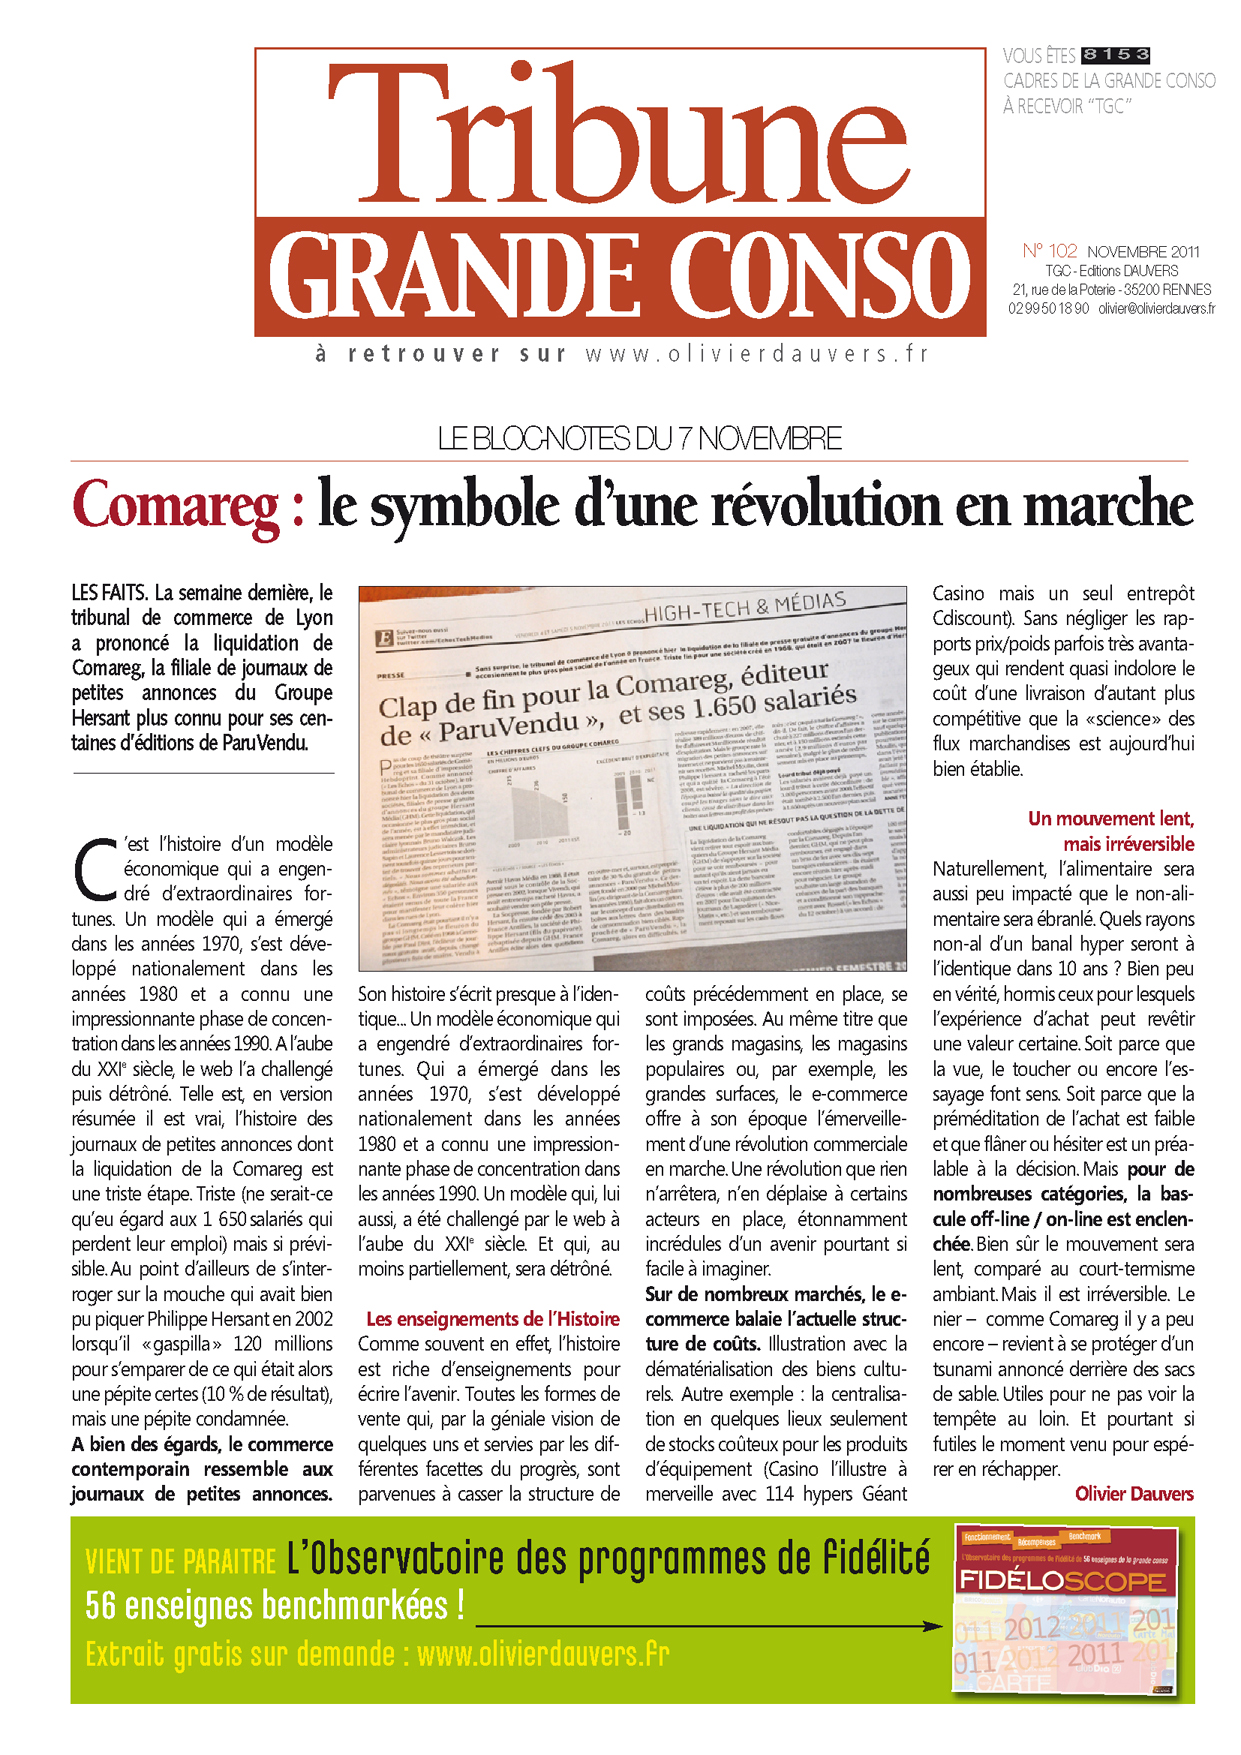 Comareg : le symbole d'une révolution en marche